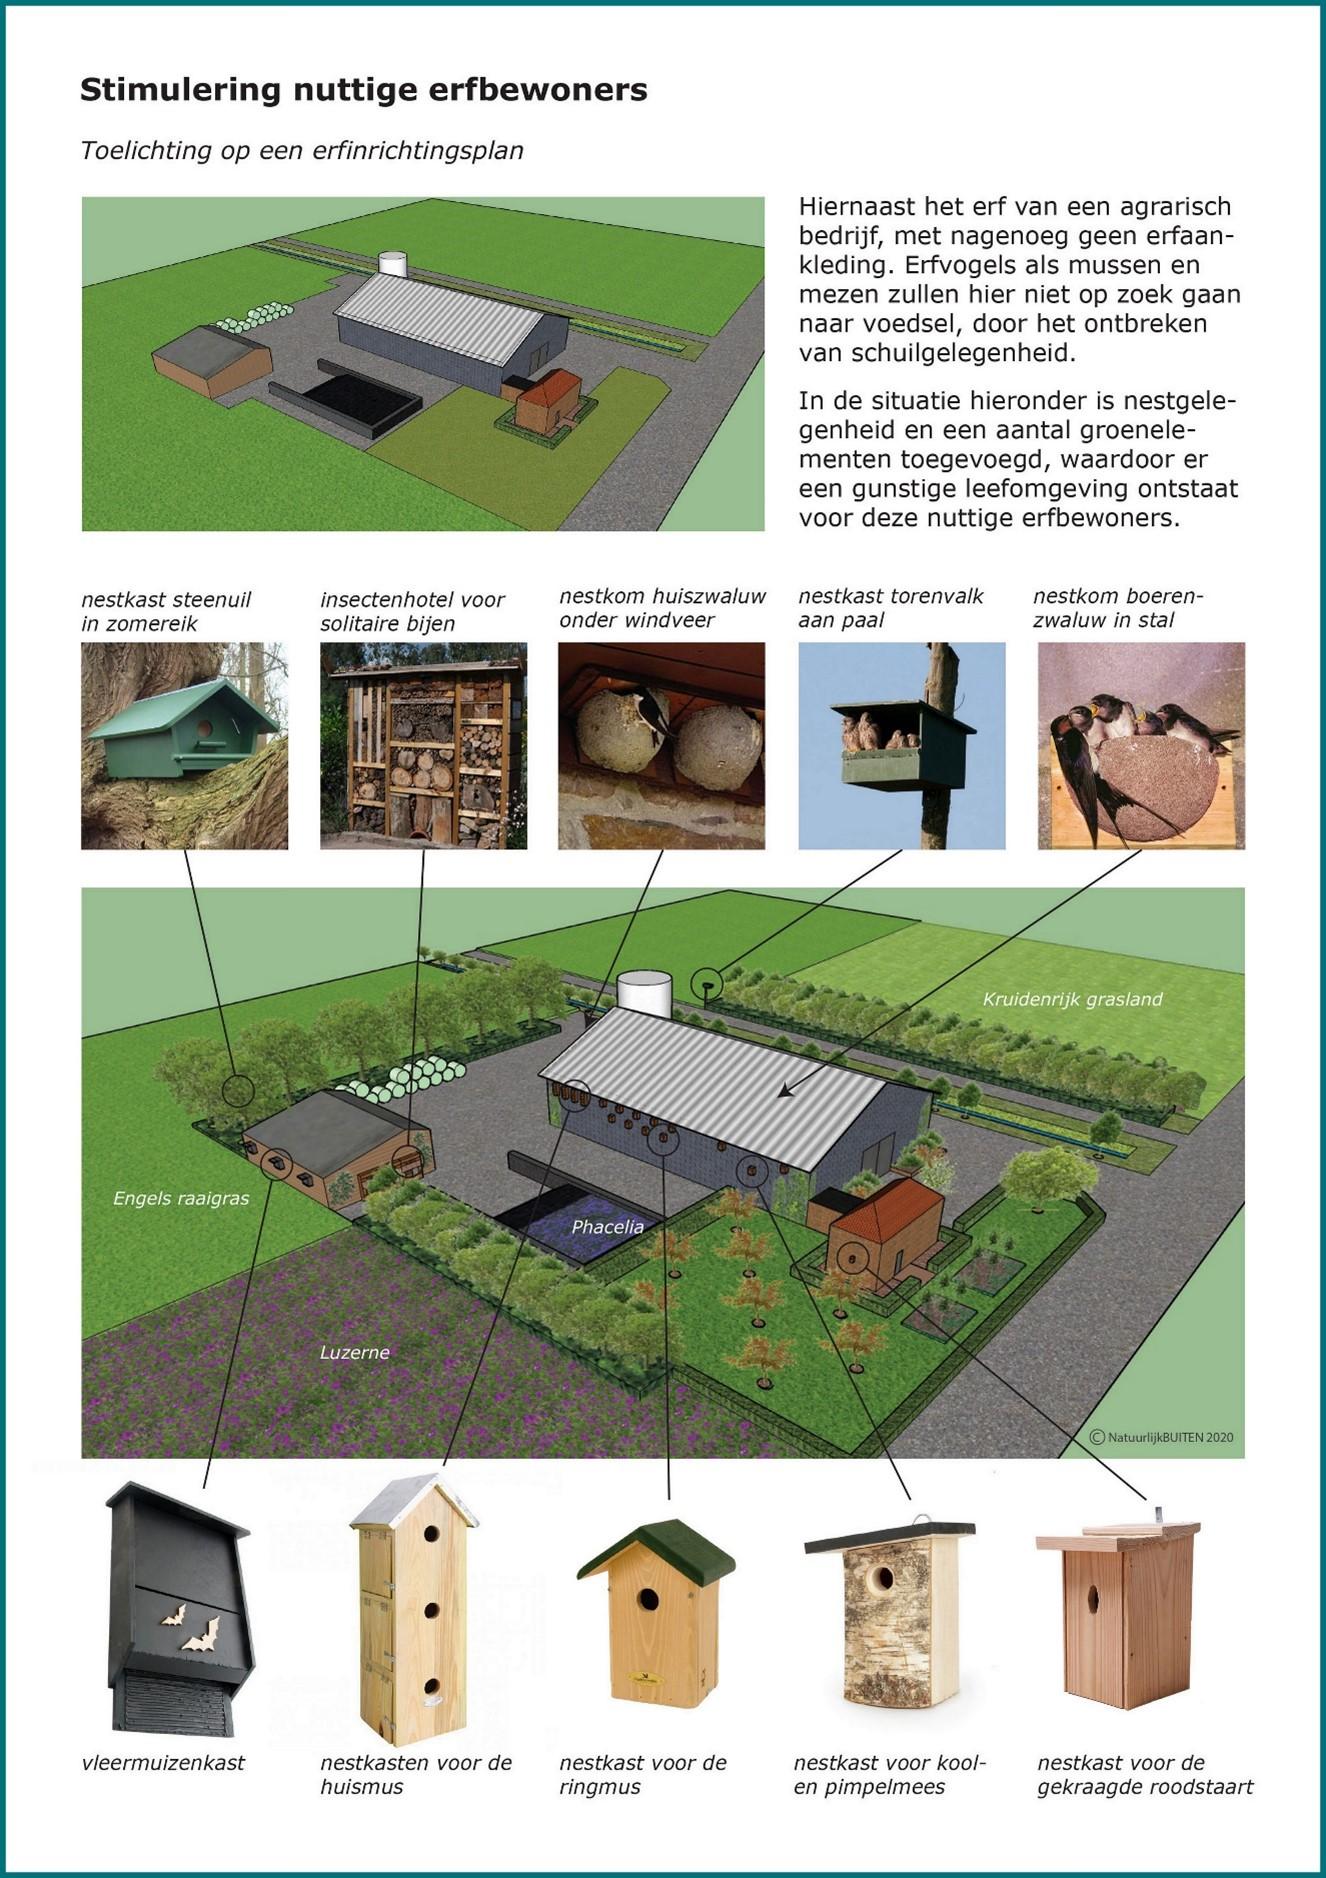 Voorbeeld erfbeplantingsplan nuttige erfbewoners